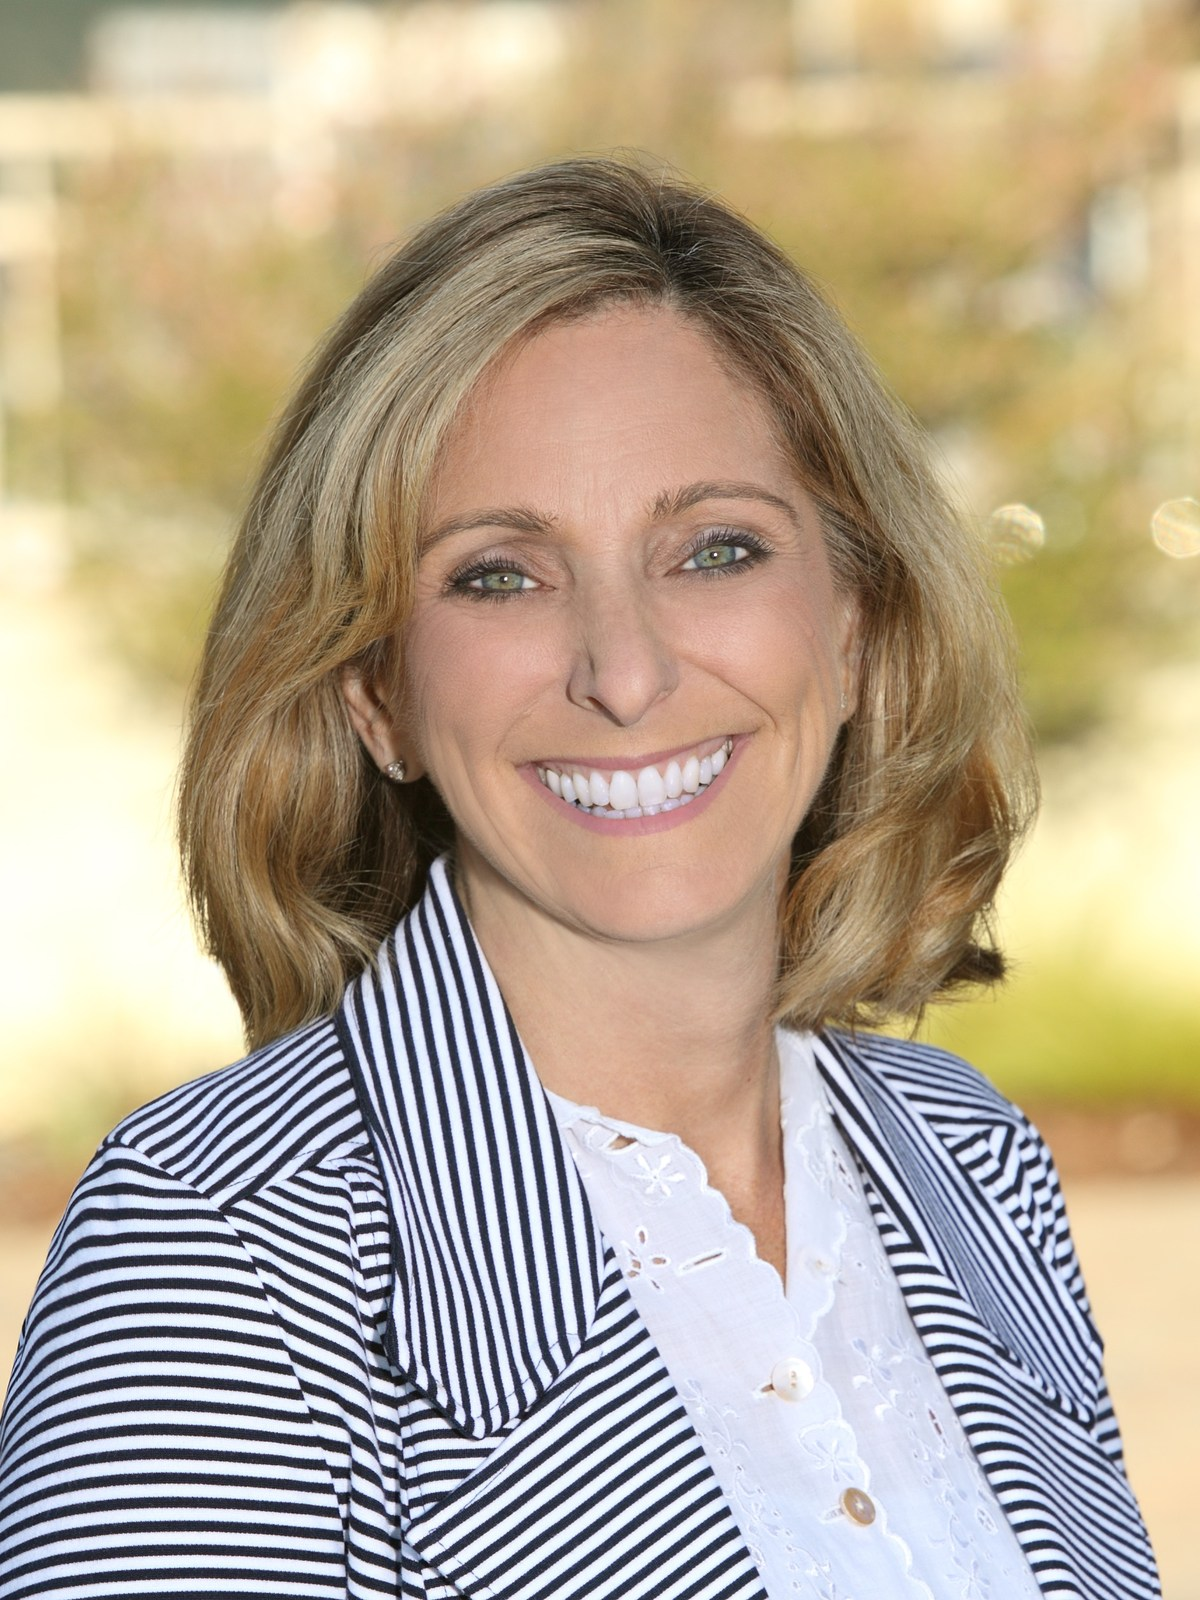 Sharon Taylor - Head of School